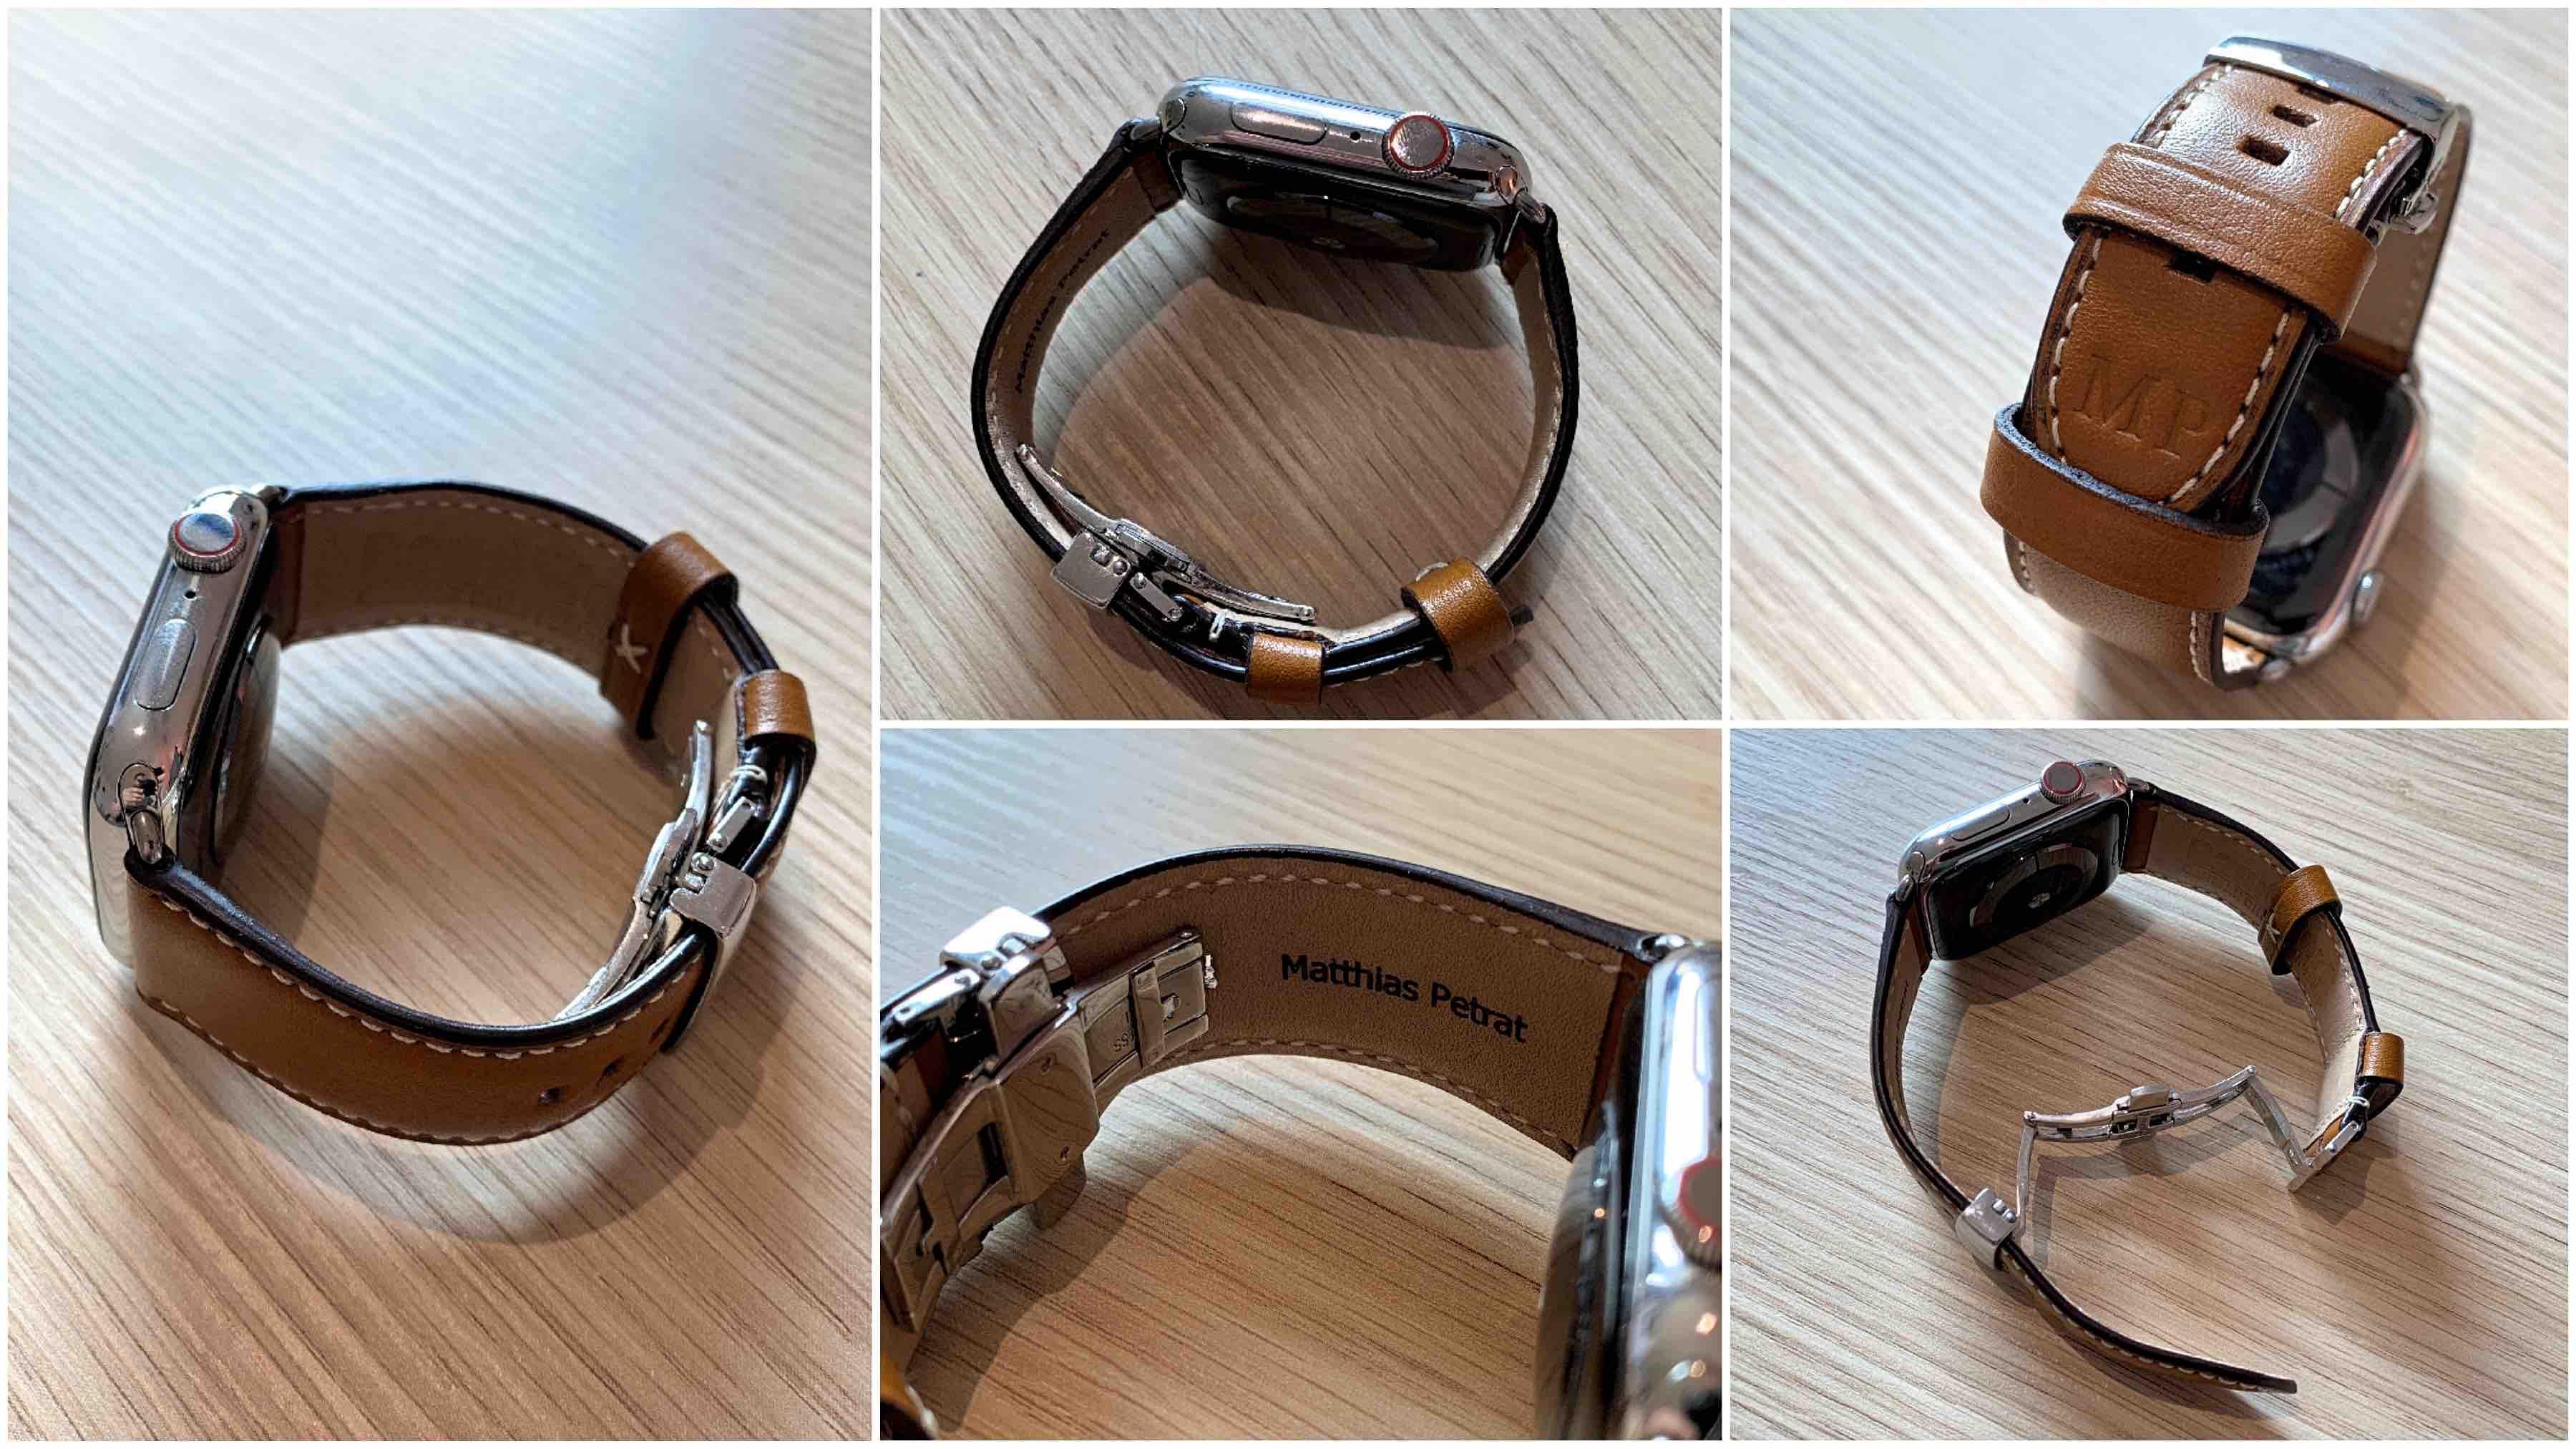 Bandwerk_Armband_Leder_Apple_Watch1 Im Test: Echtlederarmband mit Faltschließe von Bandwerk - chic, hochwertig und luxuriös